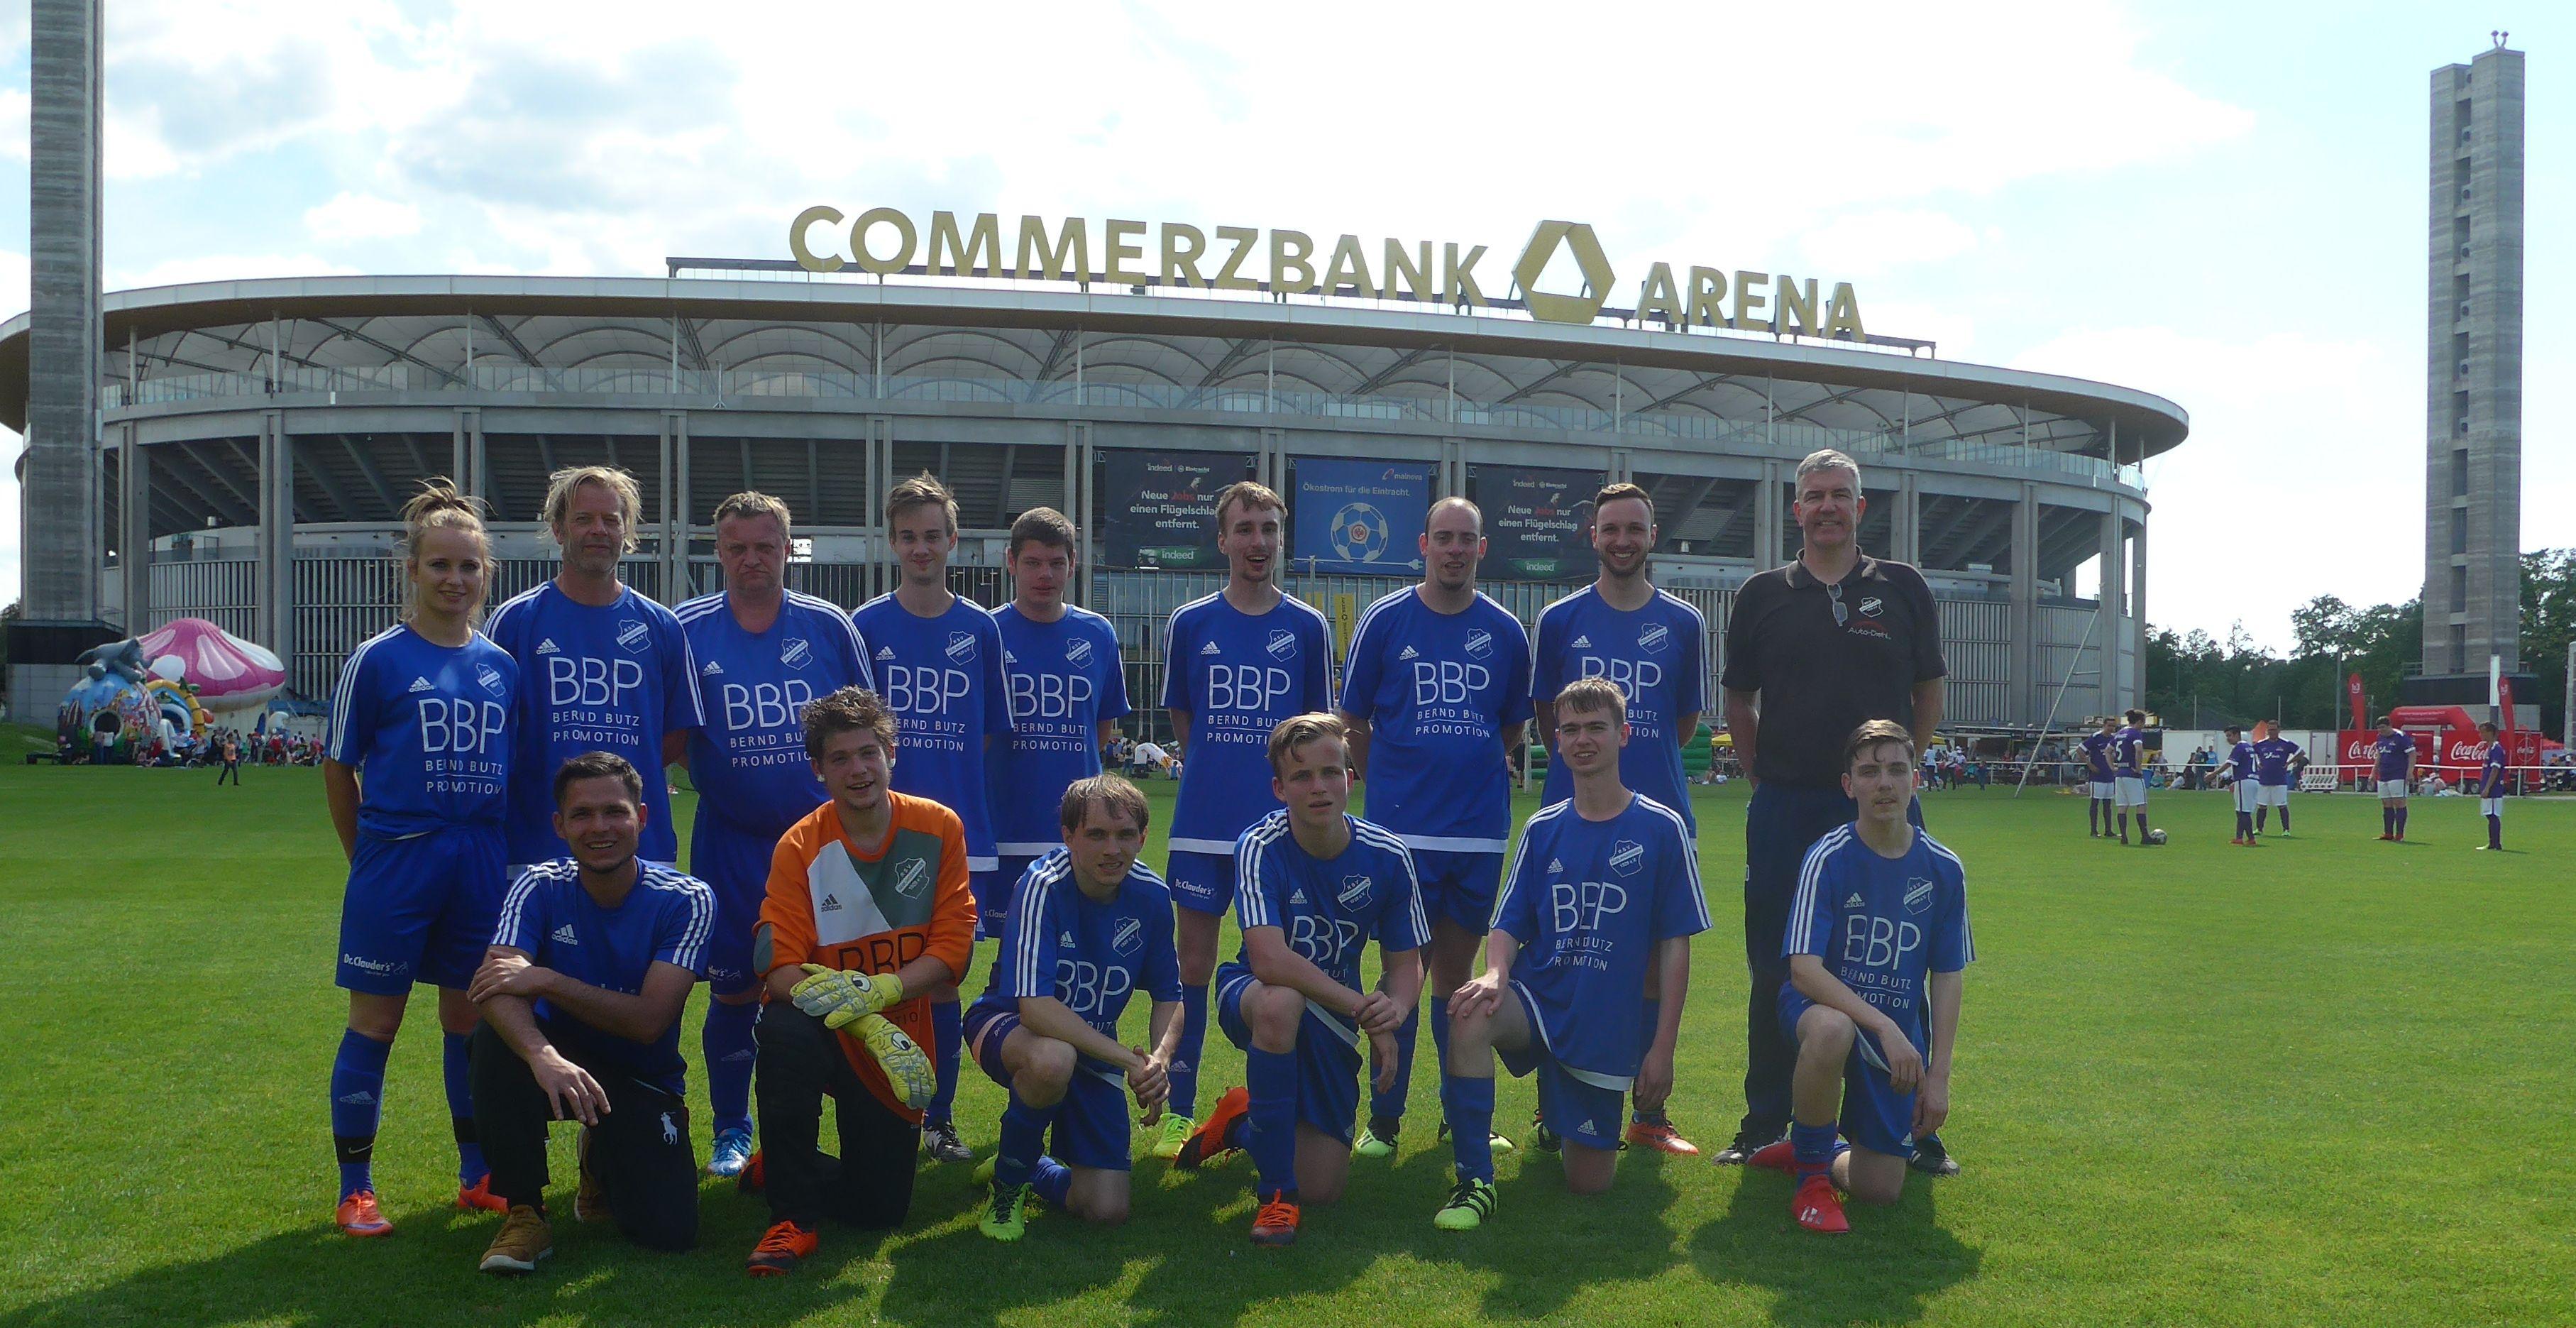 Inklusions-Fußball: RSV bestätigt Platz 5 in Frankfurt und fiebert Turnier beim Hessentag entgegen